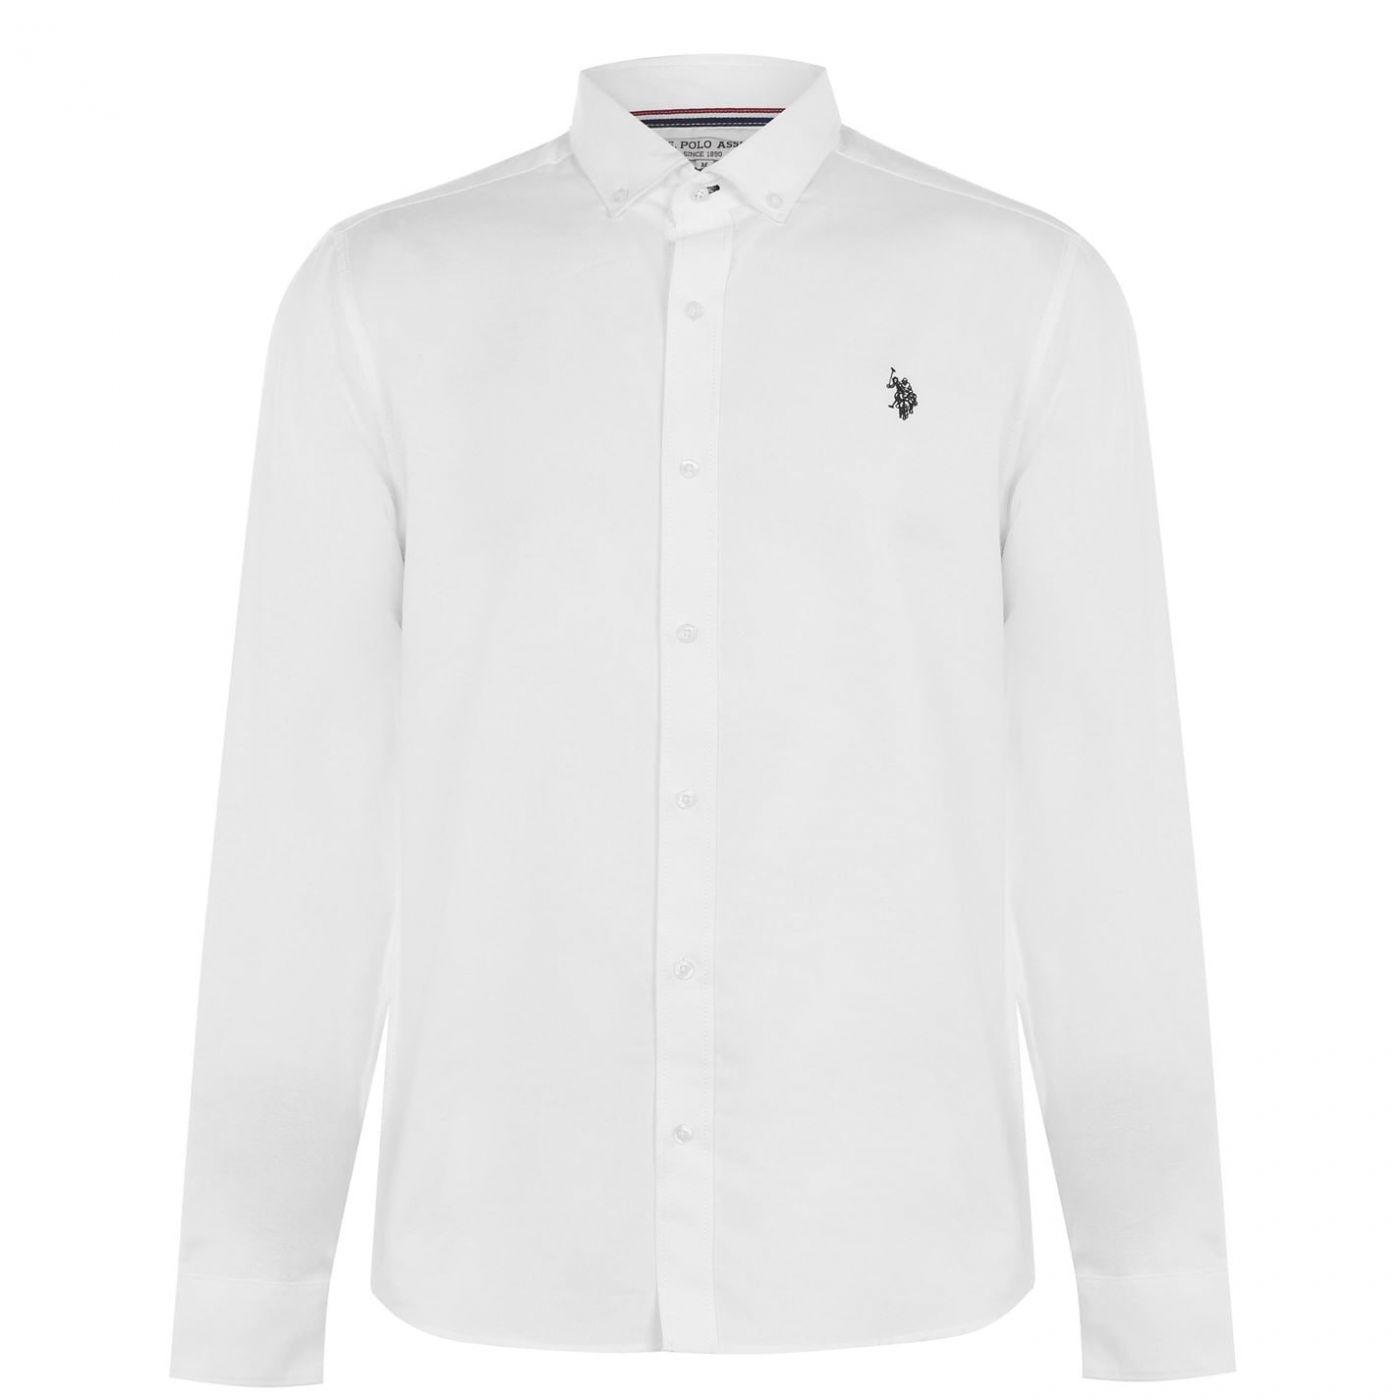 Men's Shirt US Polo Assn Oxford